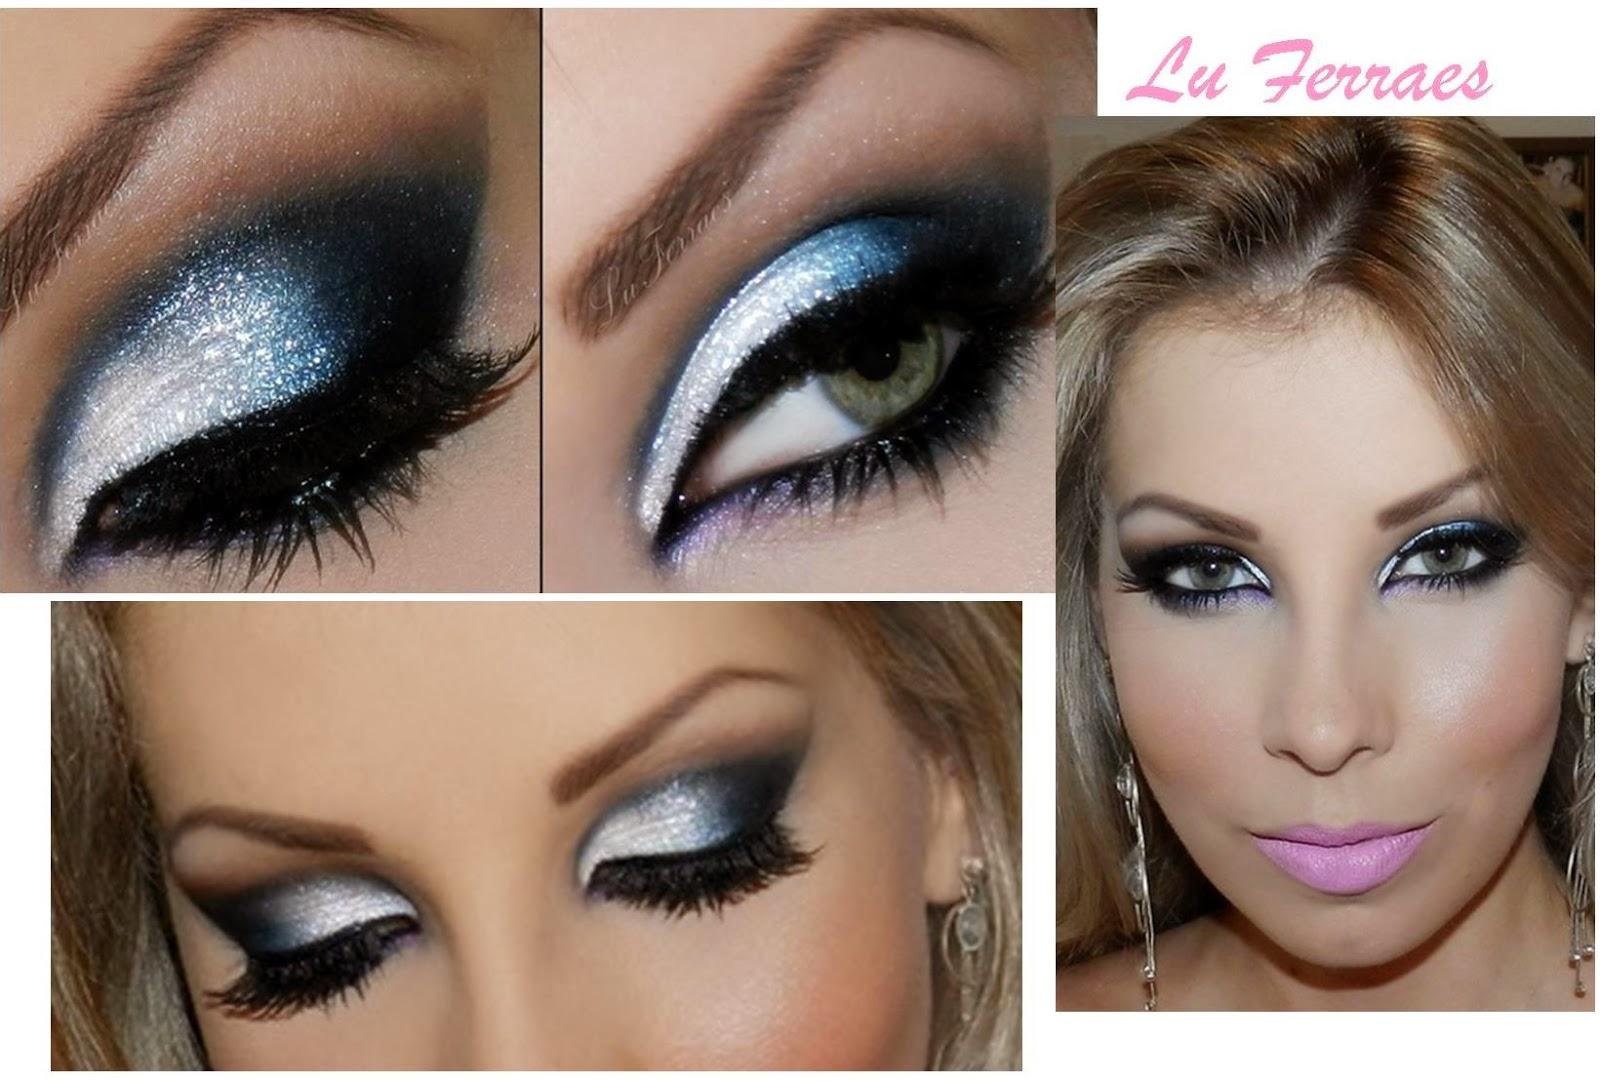 http://www.lucianeferraes.com.br/3/post/2014/02/glitter-com-azul-marinho.html